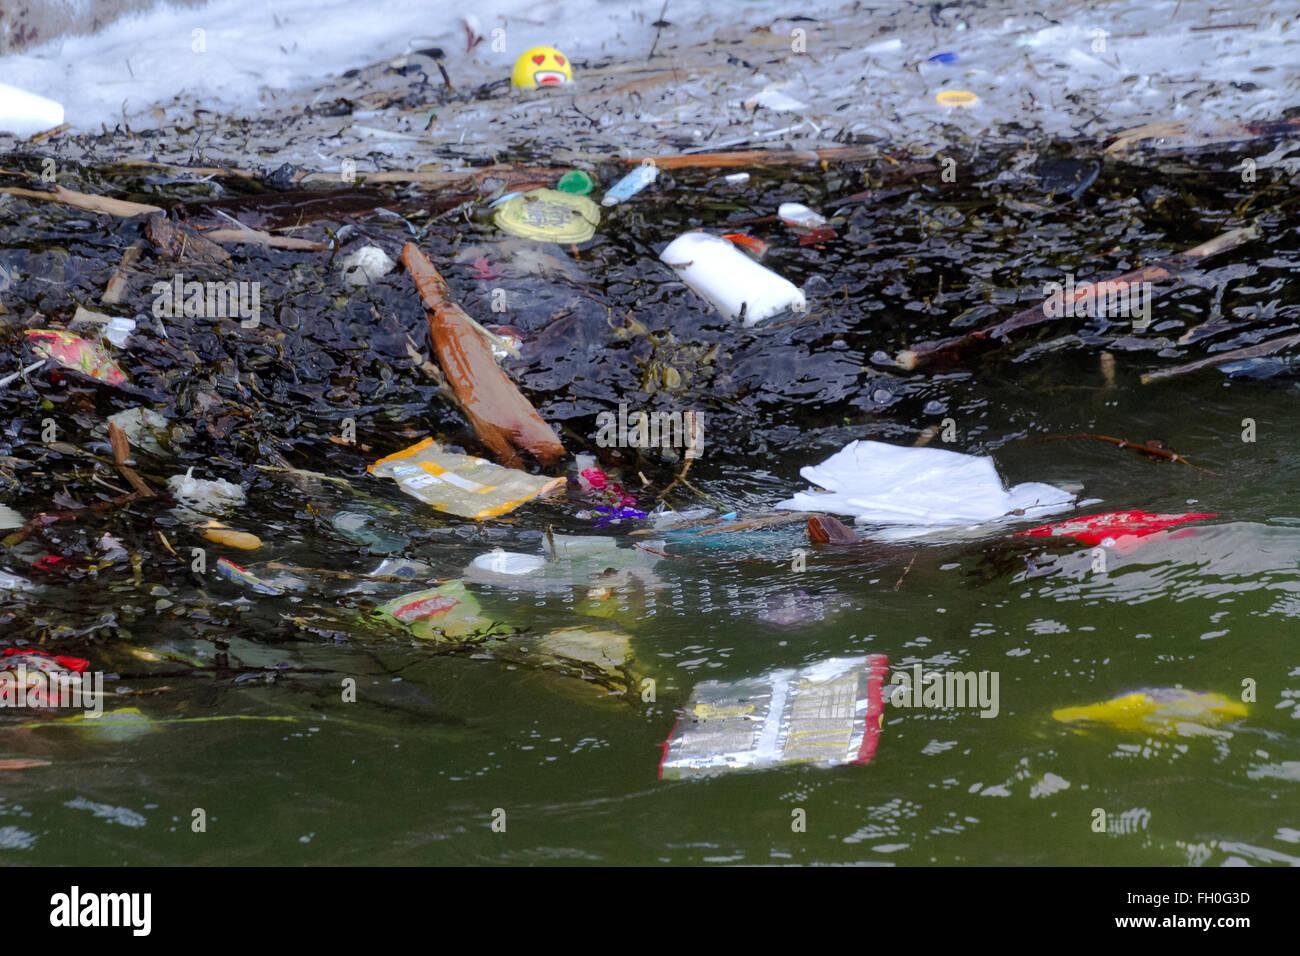 Angeschwemmte Strand wurf Schmutz Verschmutzung Ozean Kunststoff Kunststoffe bei Hoylake, Wallasey, Großbritannien Stockbild